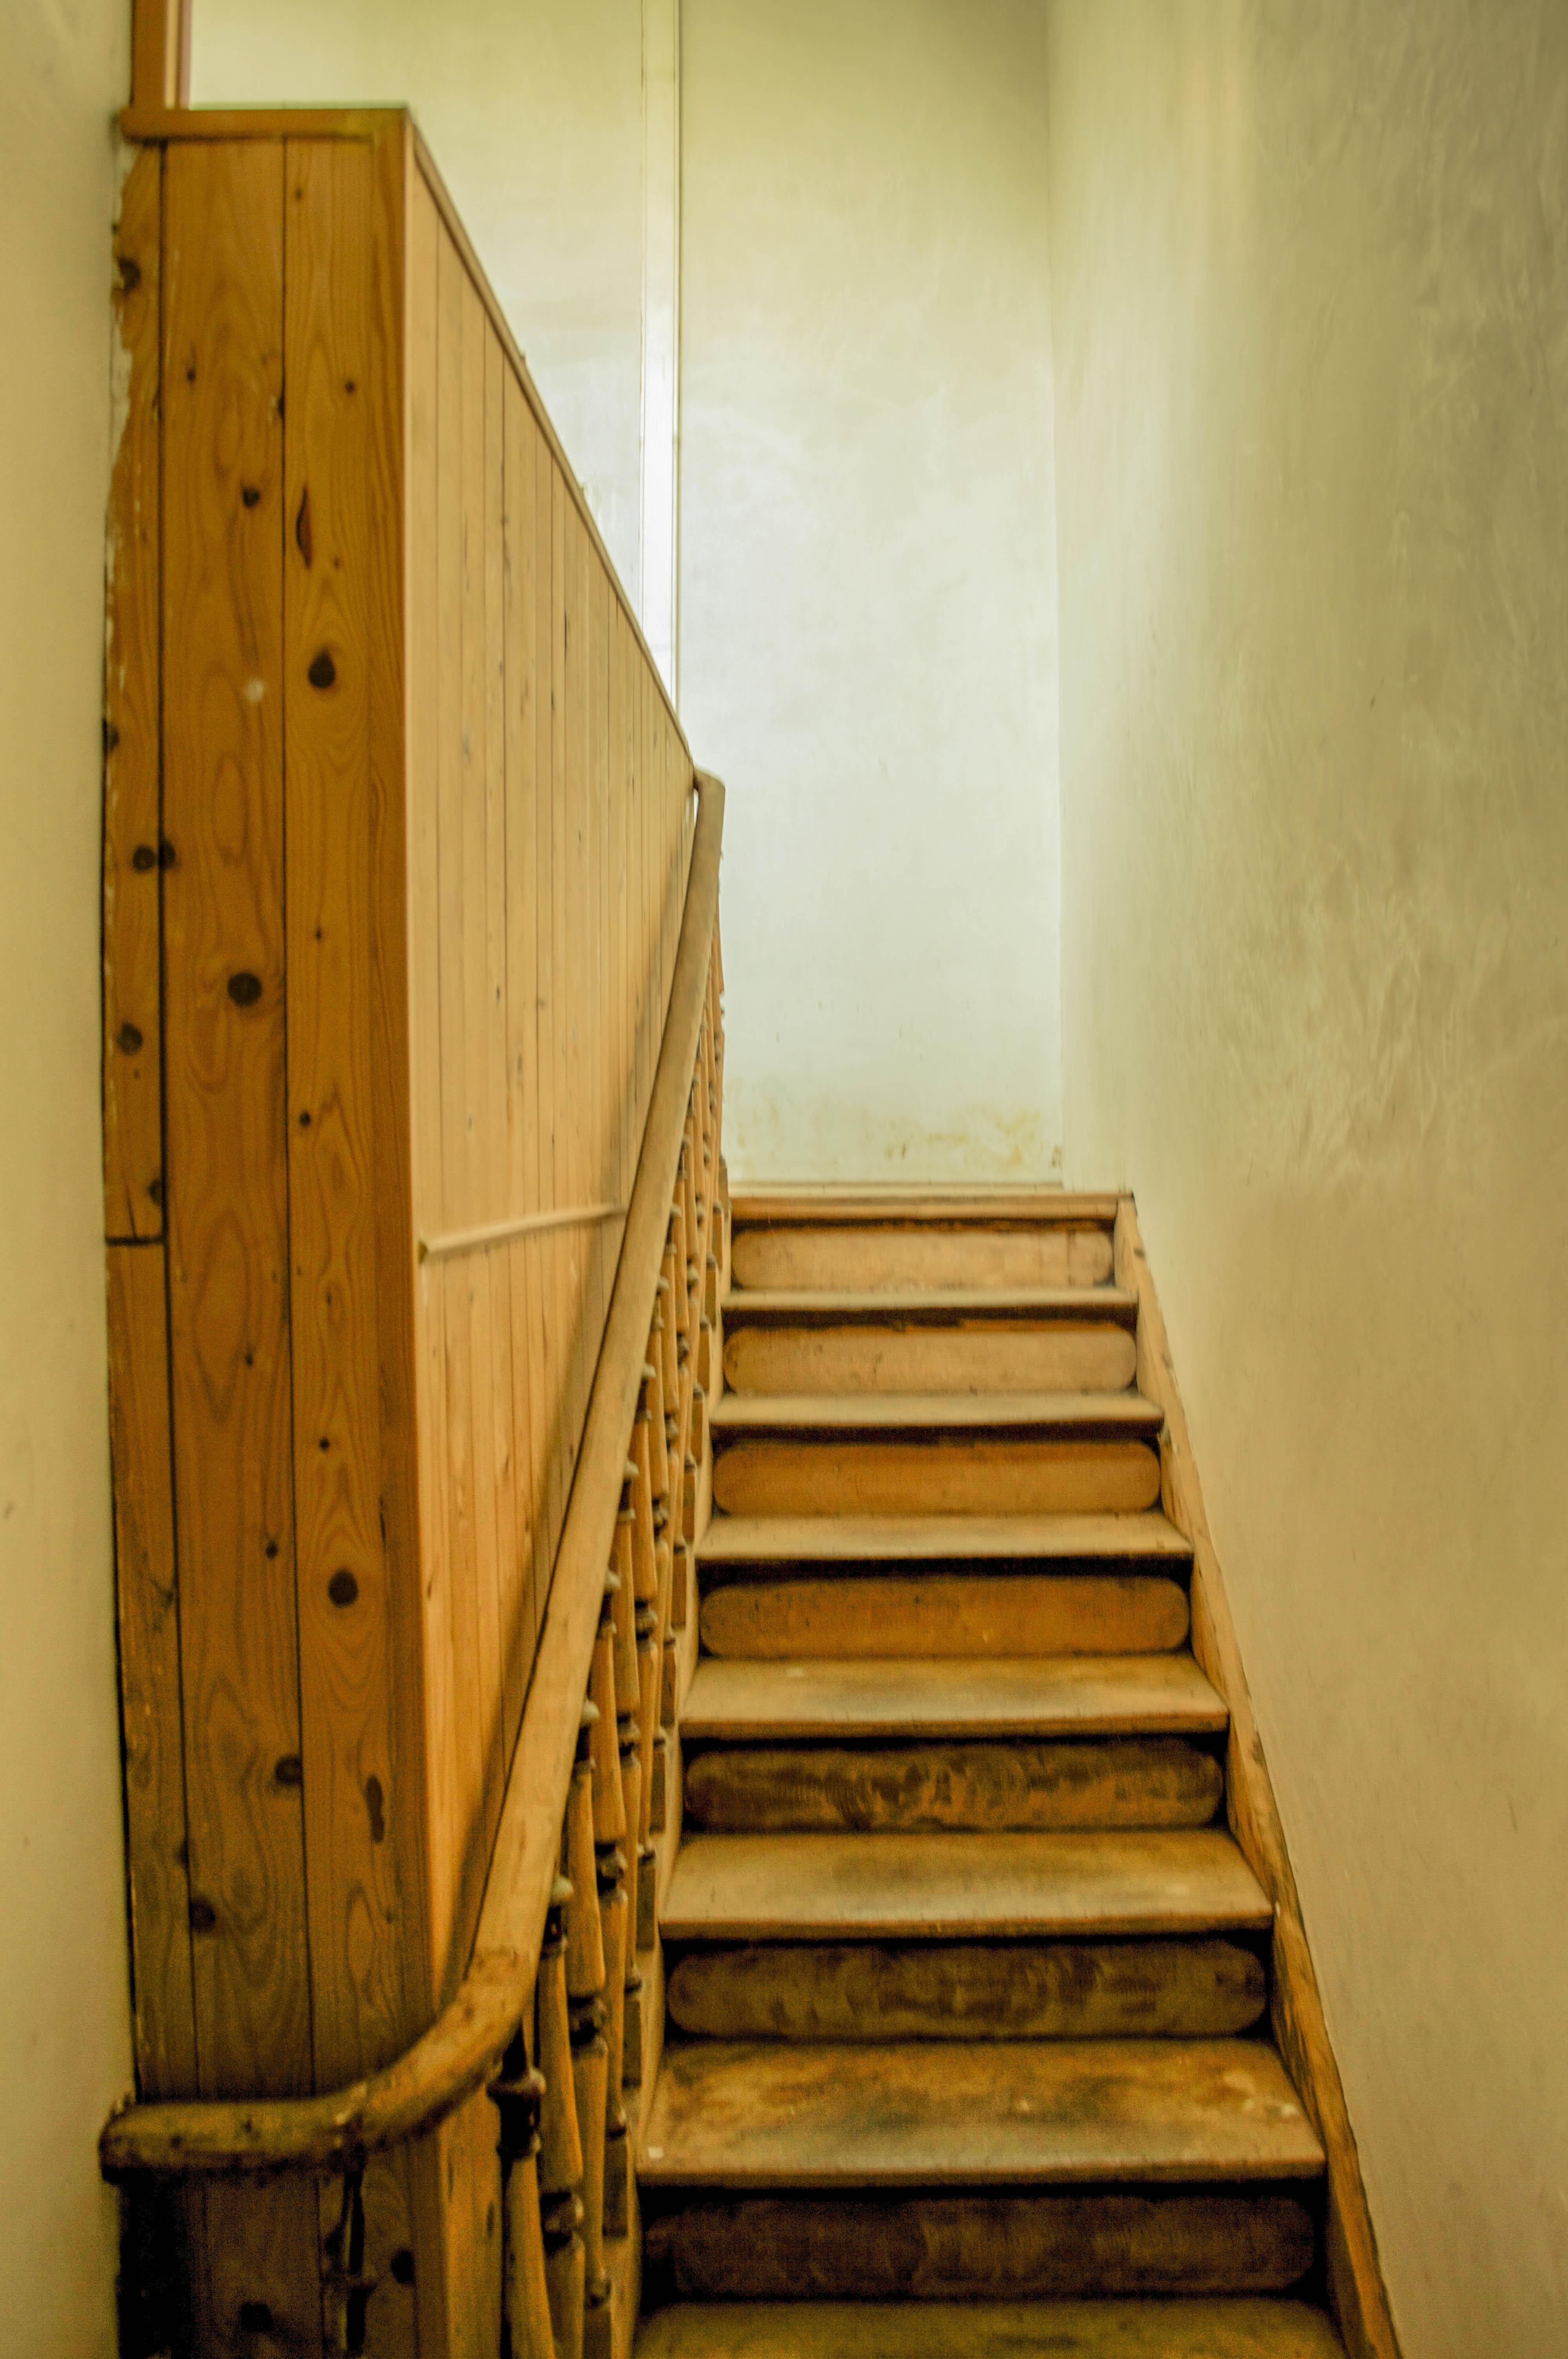 haecht_279_app1_escalier entre niveaux